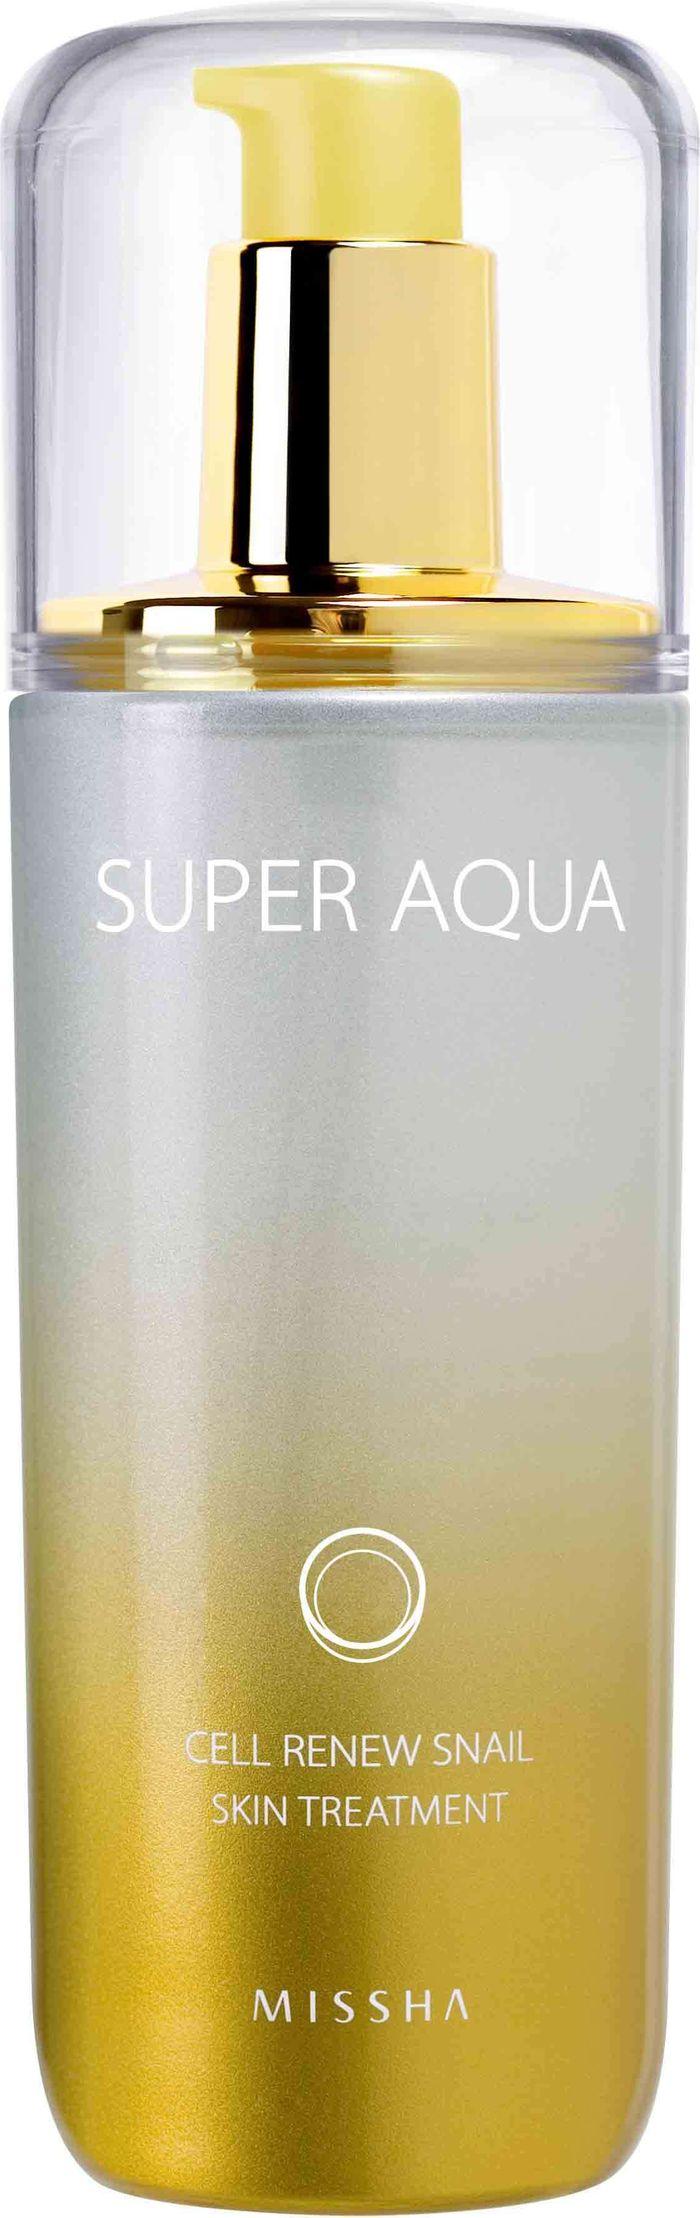 Missha Super Aqua Cell Renew Snail Essential Moisturizer Регенерирующая эмульсия для лица, 130 мл8806150658946Восстанавливающая эмульсия с секретом улитки – второй компонент после тоника в антивозрастной линейке Super Aqua Cell Renew Snail марки Missha Применяется для кожи, которая нуждается в дополнительном питании, омоложении, восстановлении и увлажнении Специальный состав предназначен для активации естественного процесса регенерации и омоложения клеток в кратчайшие сроки Морская вода – источник минералов и солей, которые полностью впитываются и усваиваются кожей Основной компонент эмульсии - это экстракт улитки, богатый источник эластина, коллагена, витаминов, аминокислот, гликолевой кислоты, аллантоина и хитозана Дополнительный компонент для активного восстановления - стволовые клетки почек и ростков целебных растений При регулярном применении начинается быстрый процесс восстановления межклеточных тканей, клеток эпидермиса и интенсивного увлажнения, что приводит к разглаживанию морщин, сглаживанию шрамов и улучшению цвета лица Благодаря витамину В3 кожа становится светлее, сглаживаются пигментные пятна и устраняются воспаления Вытяжка баобаба в составе средства выполняет защитную функцию, оберегает кожу от пересыхания и образования микротравм